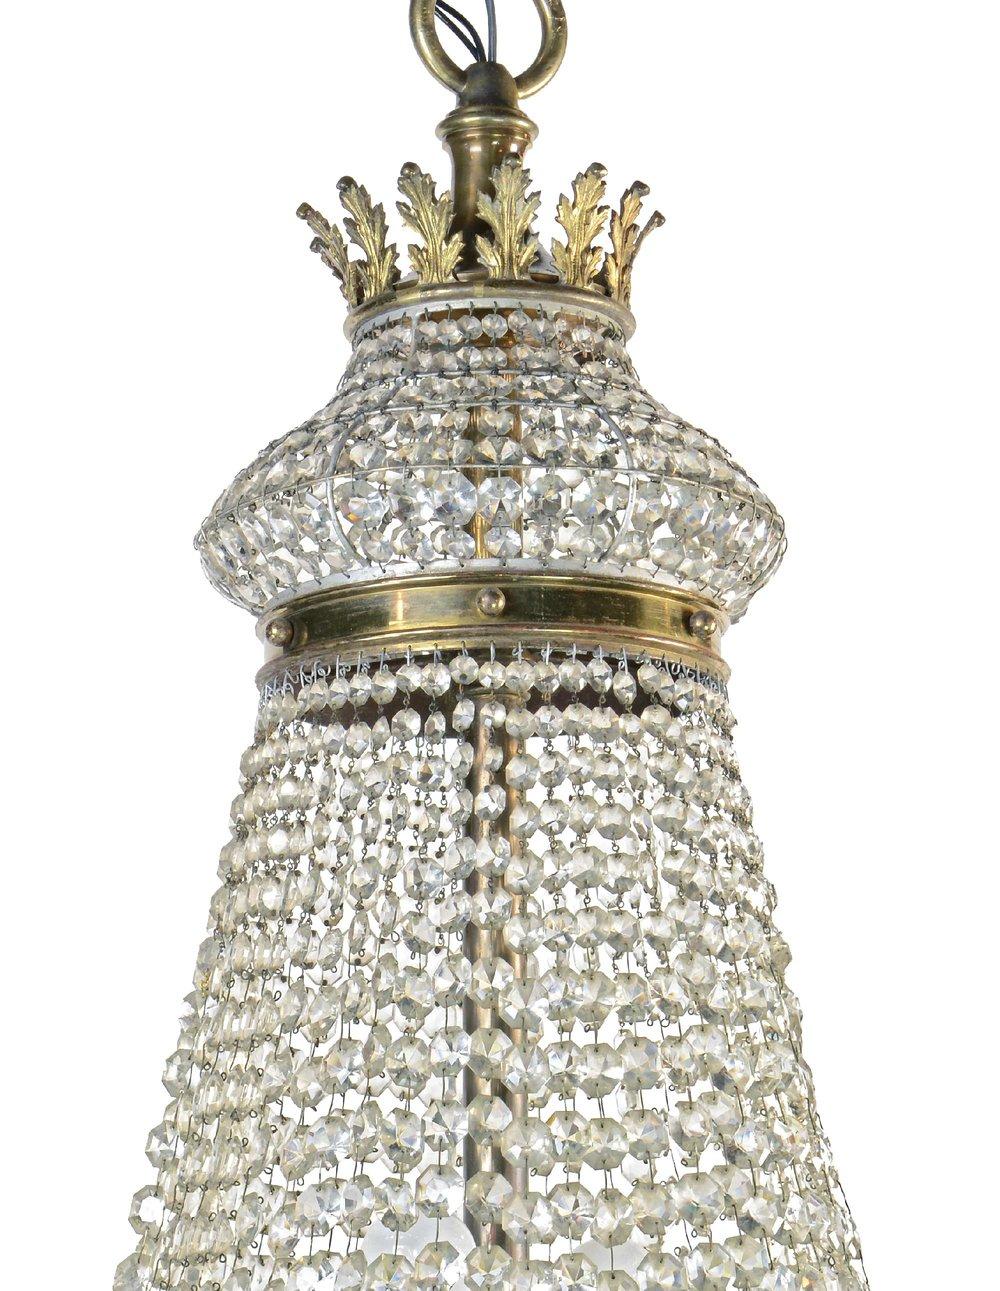 46798-crystal-chandelier-top-detail.jpg